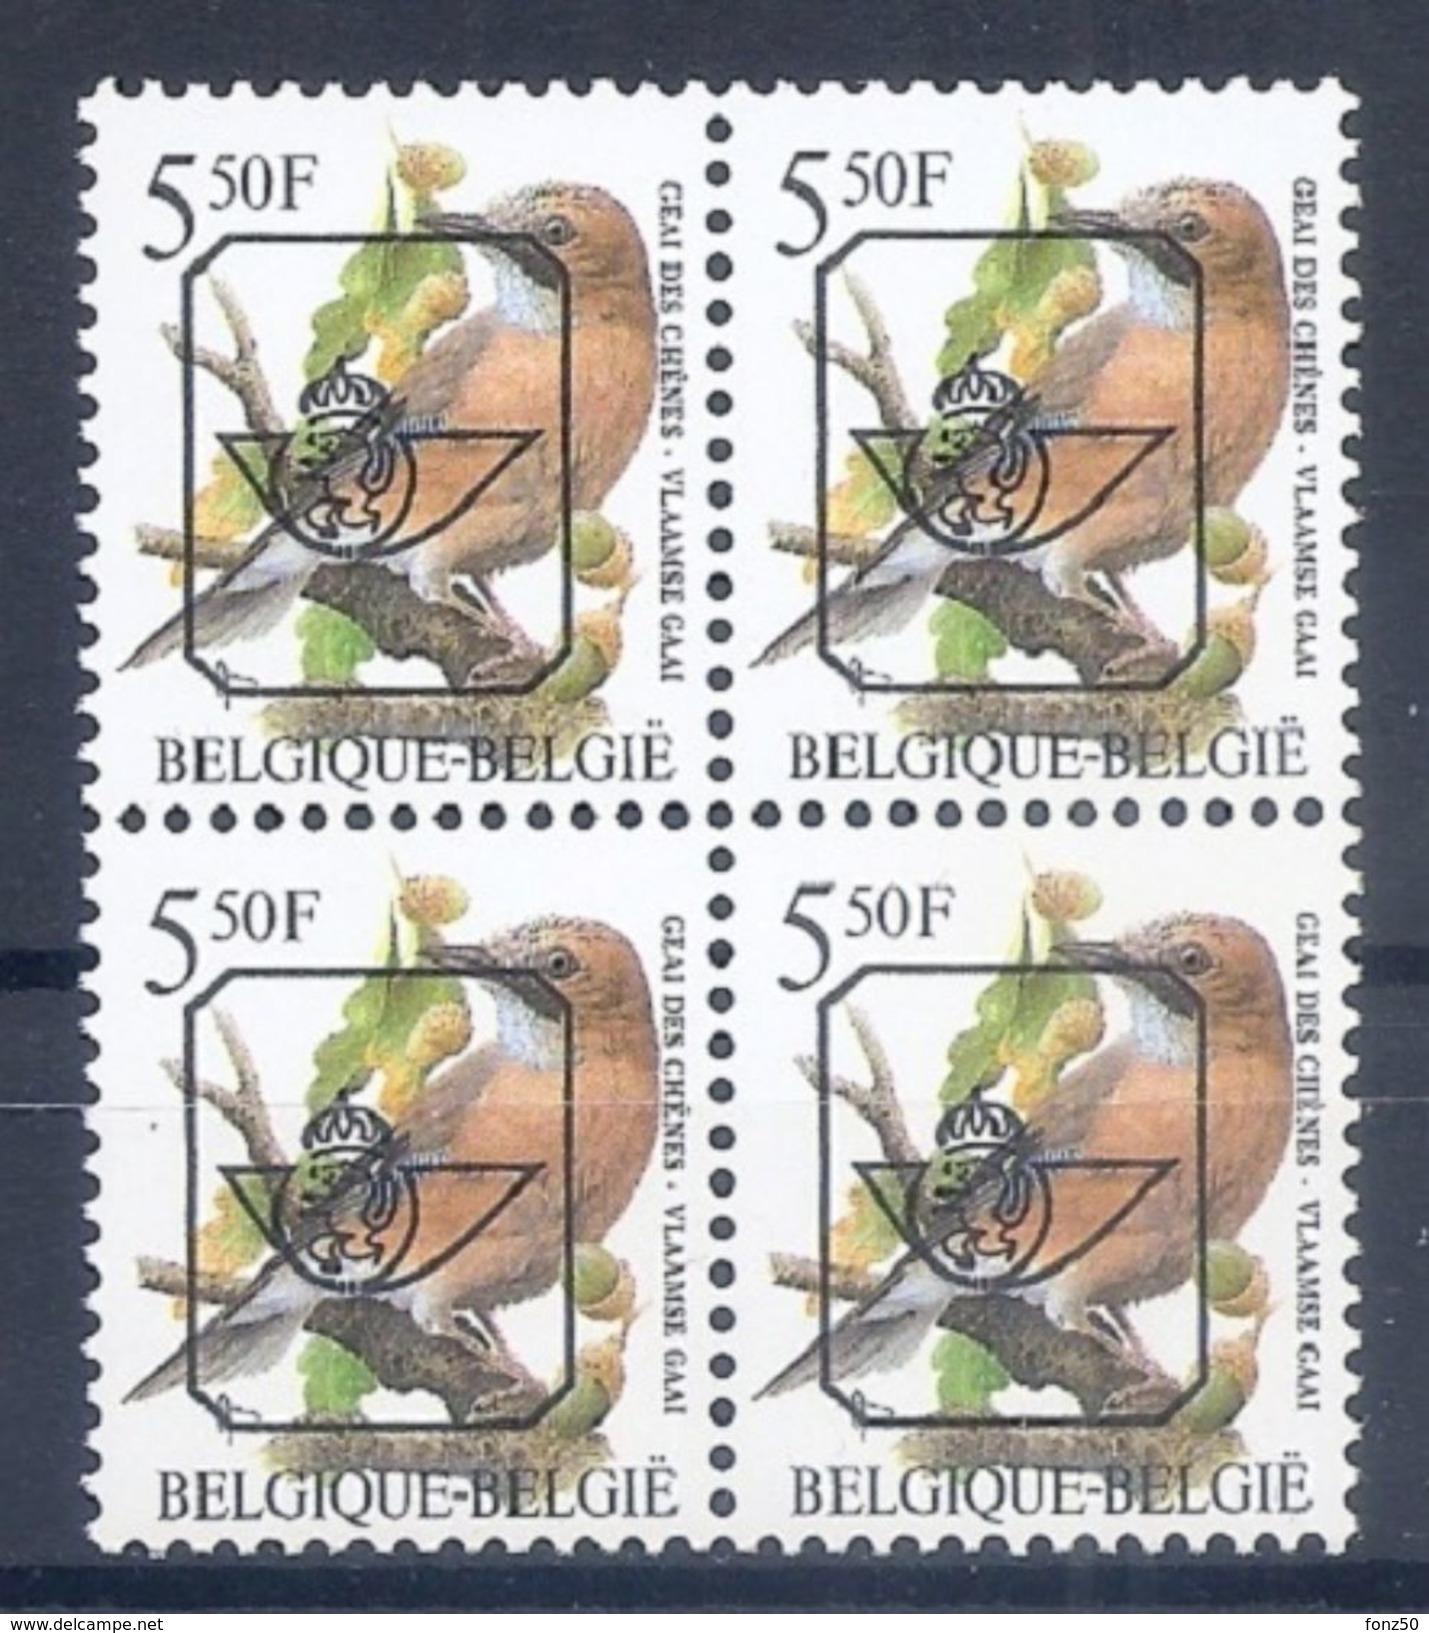 BELGIE * Buzin  PRE * Nr 827 B.P6a * Postfris Xx * - 1985-.. Oiseaux (Buzin)